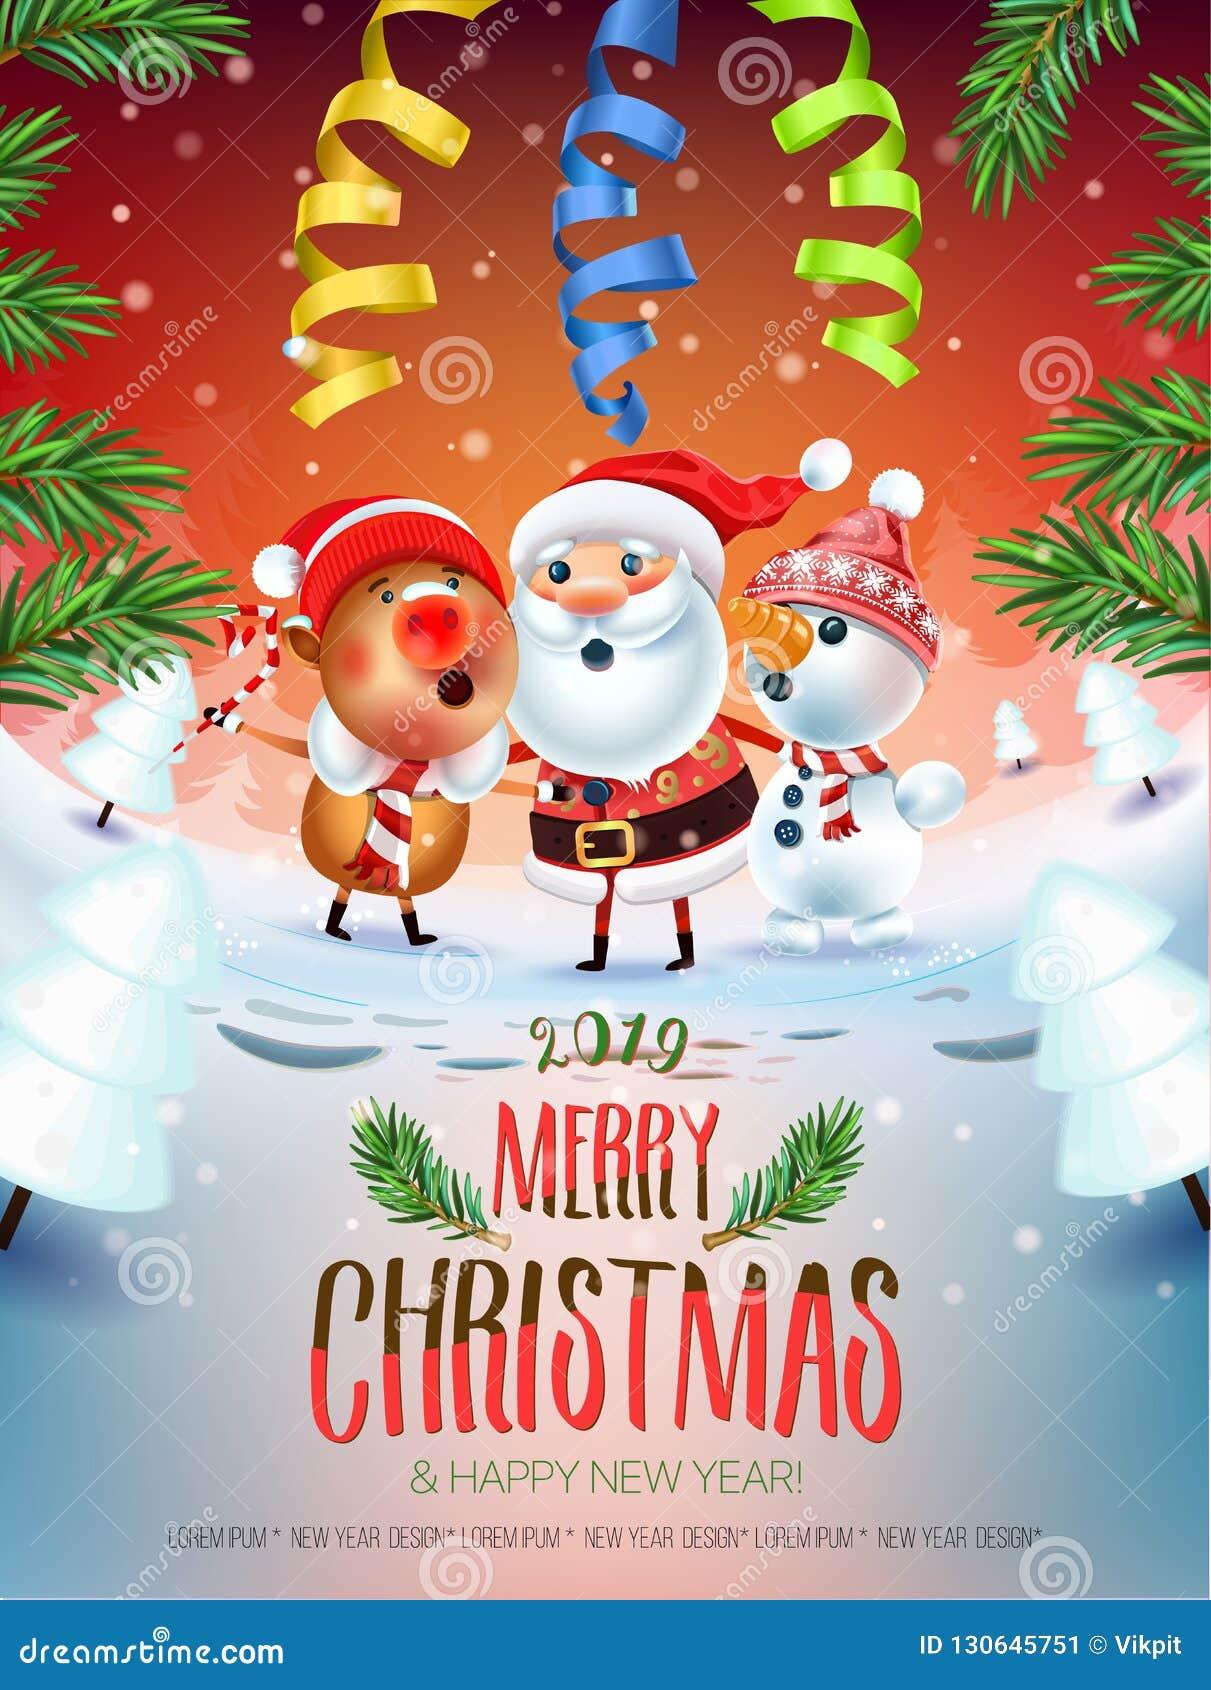 Canzone Di Natale Buon Natale.Un Manifesto Del Nuovo Anno Di 2019 Buon Natale Santa